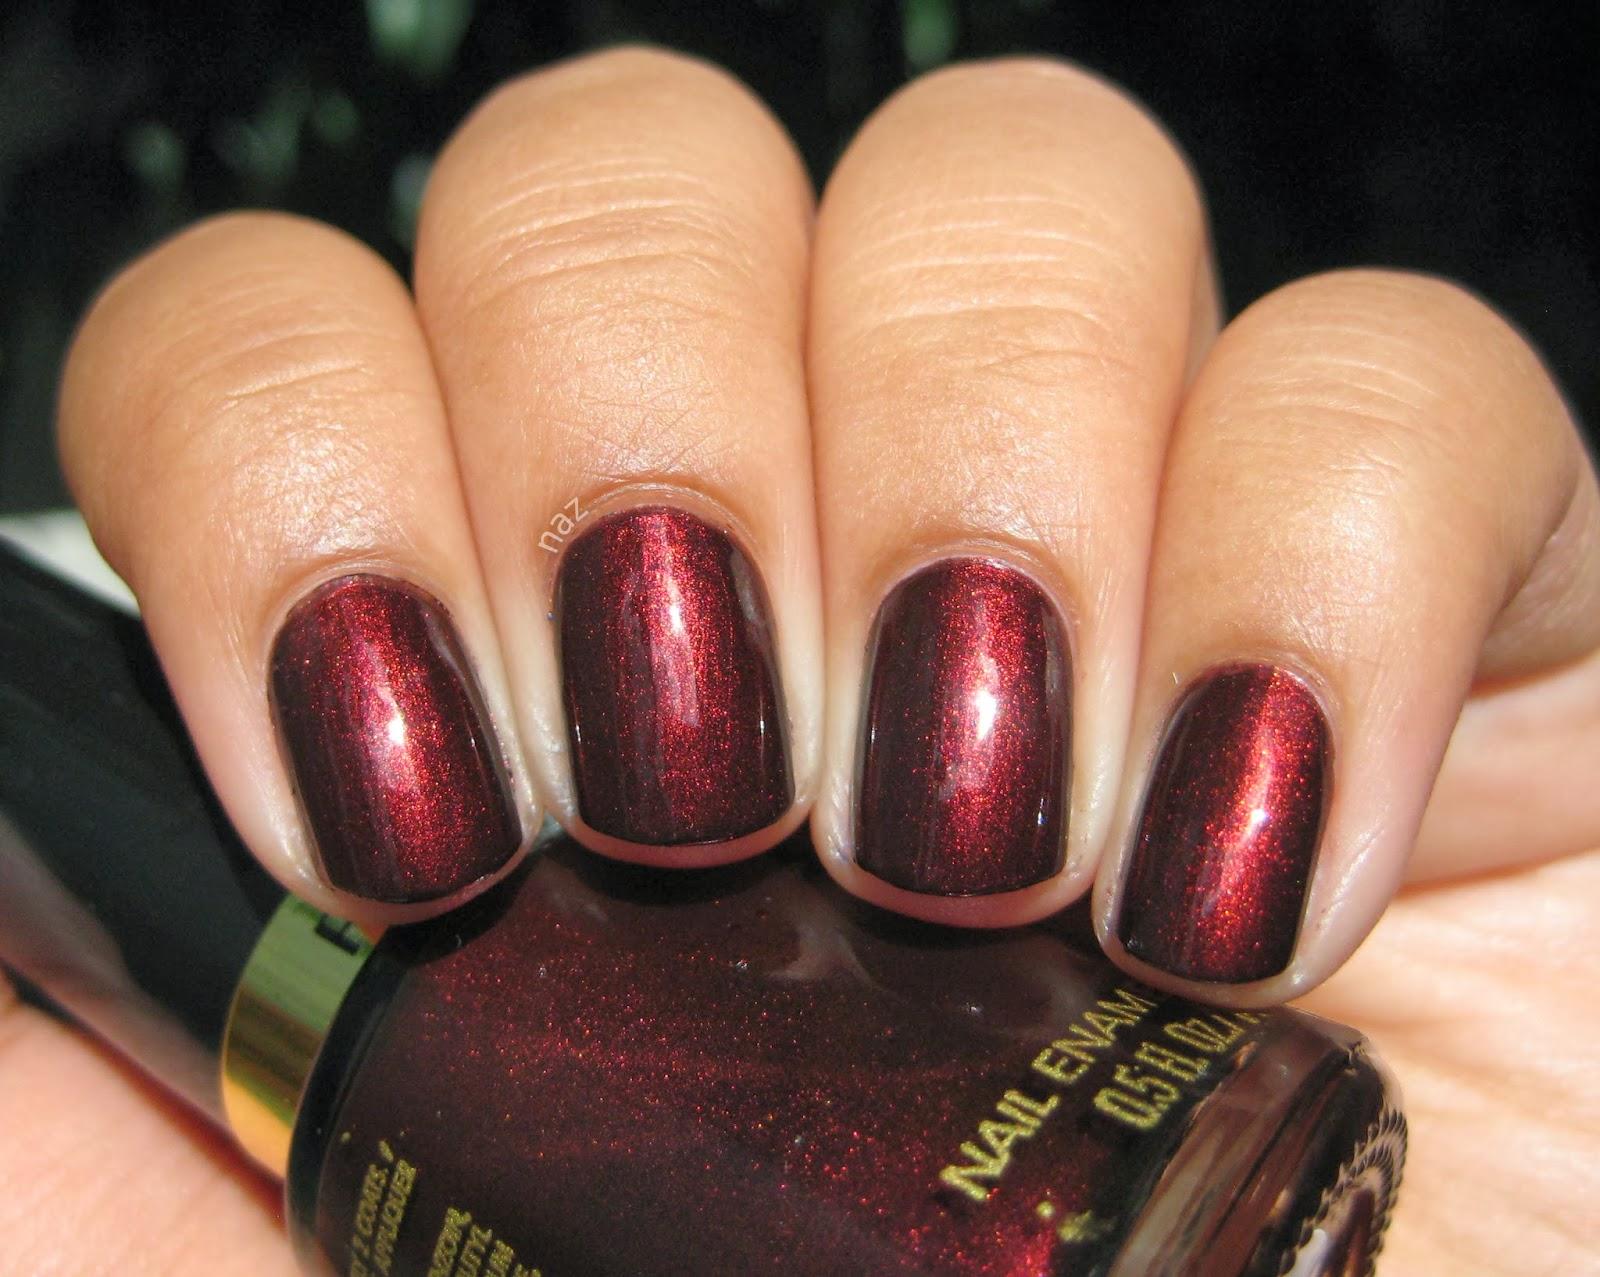 Naz S Nails Revlon Divine